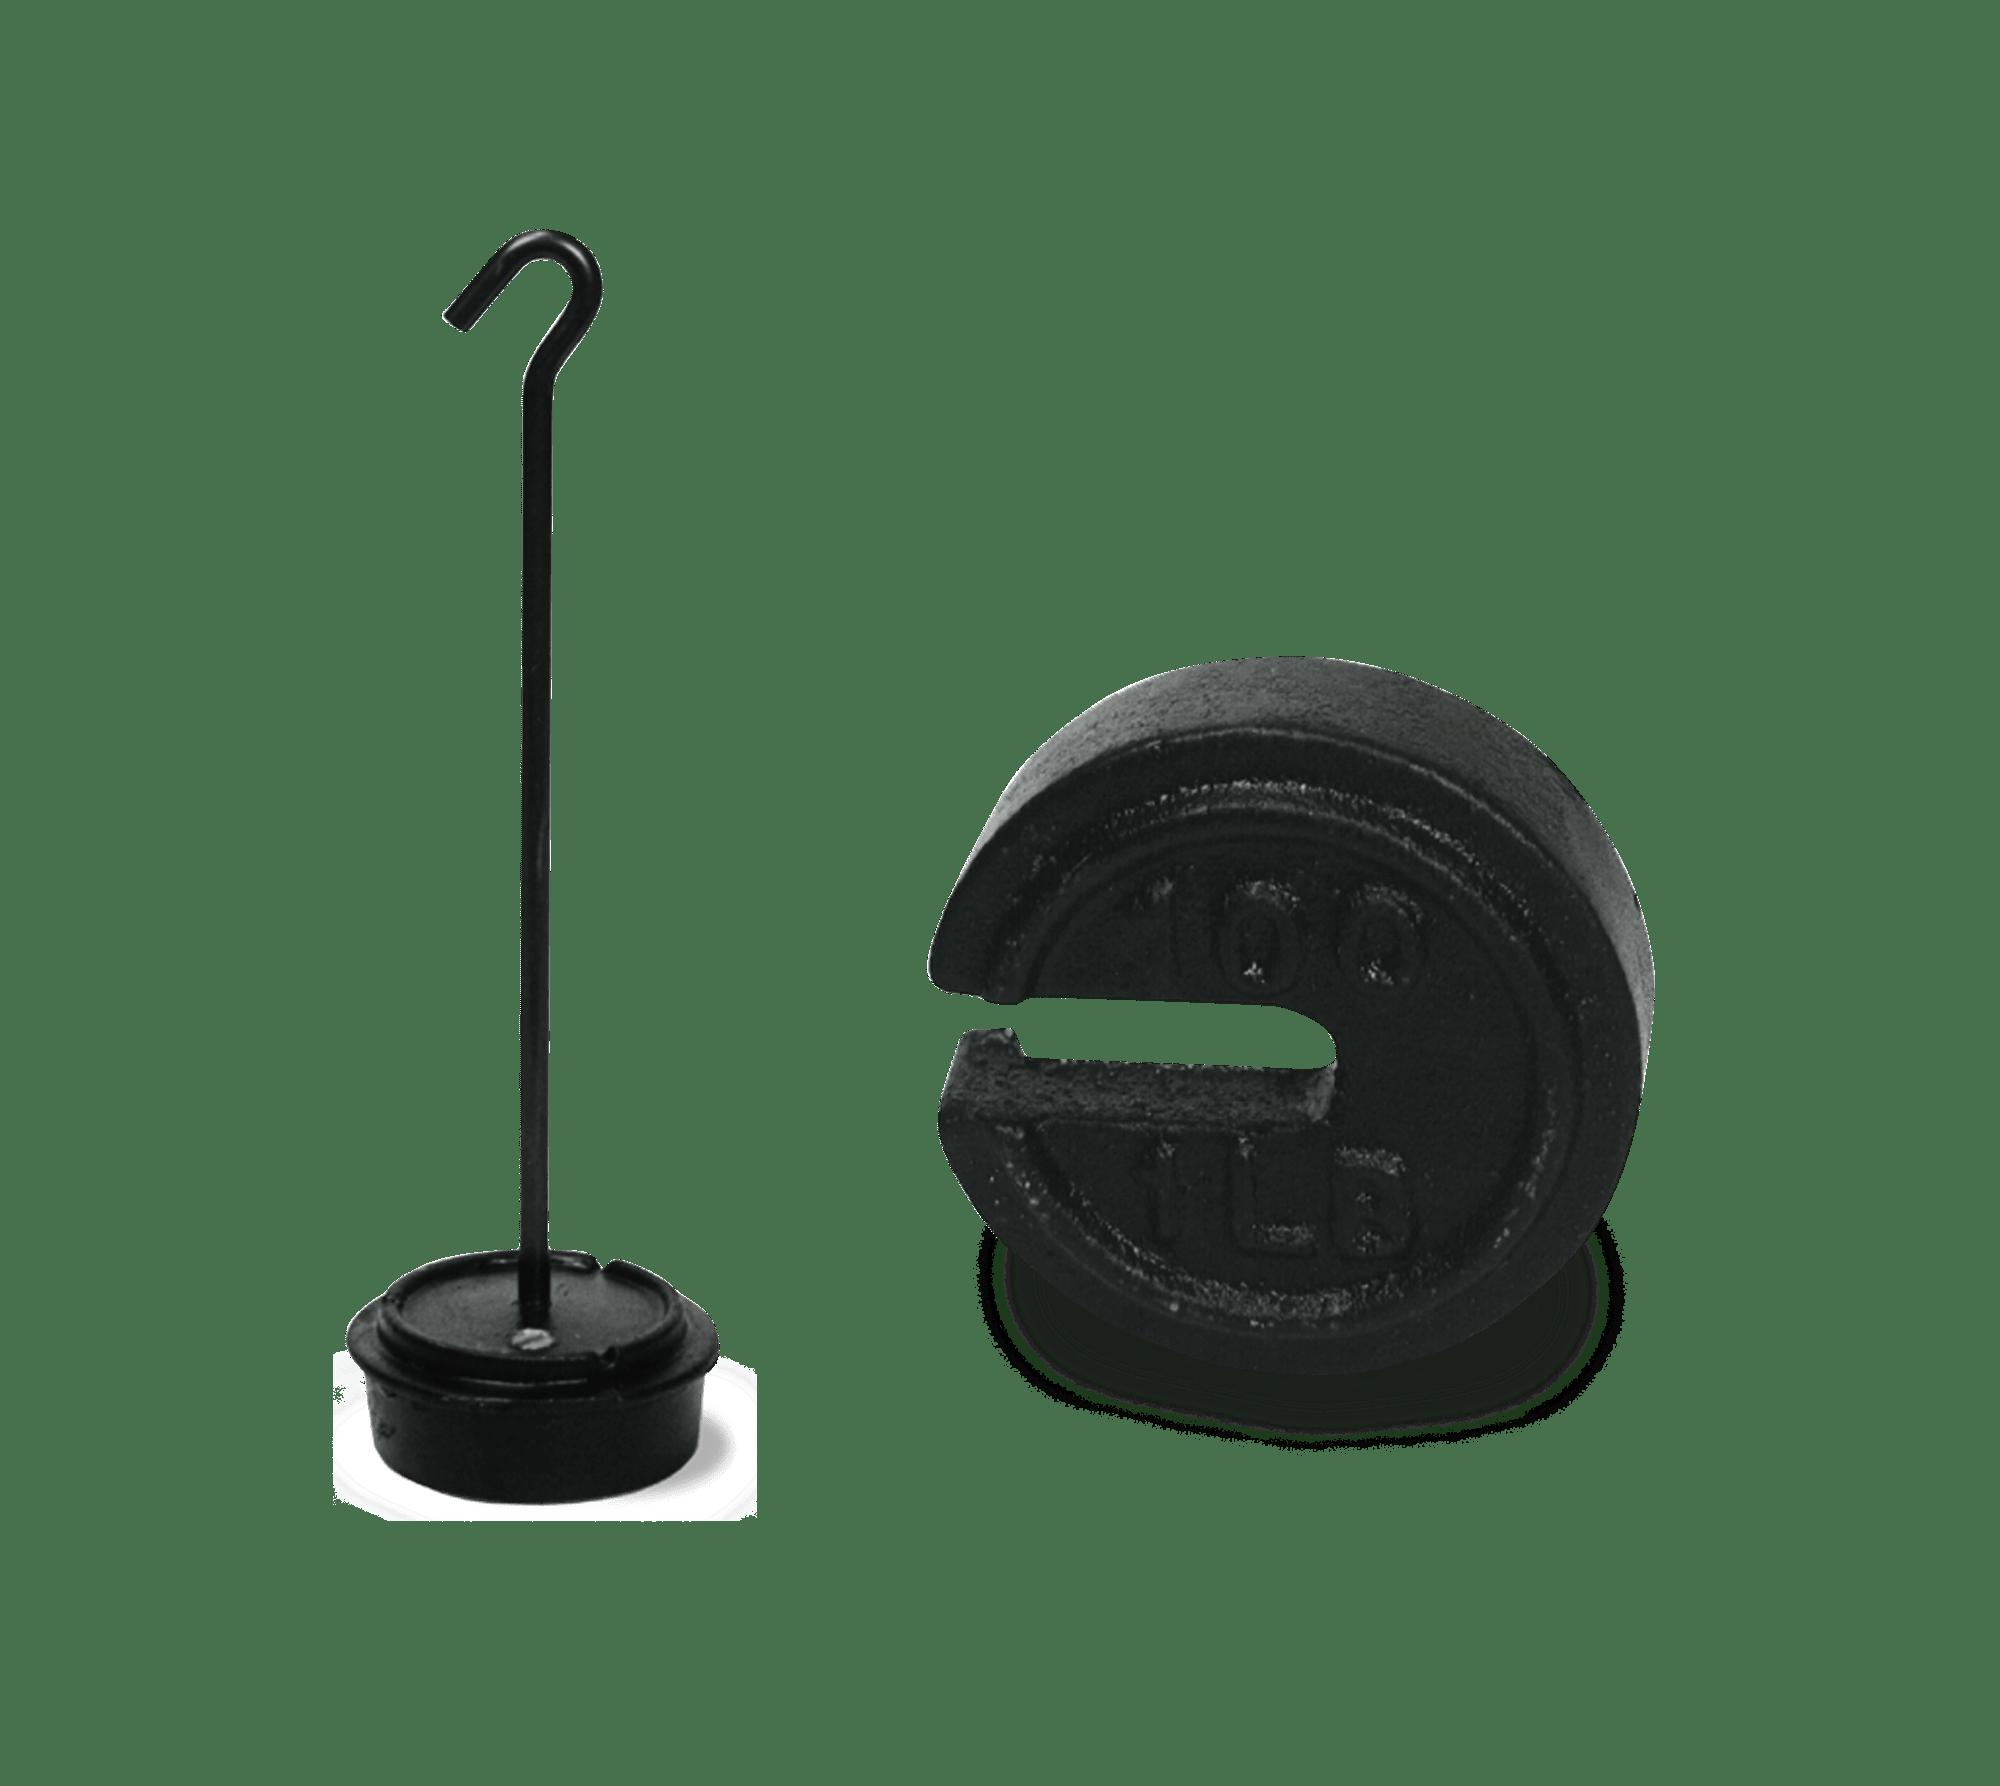 Test Weights